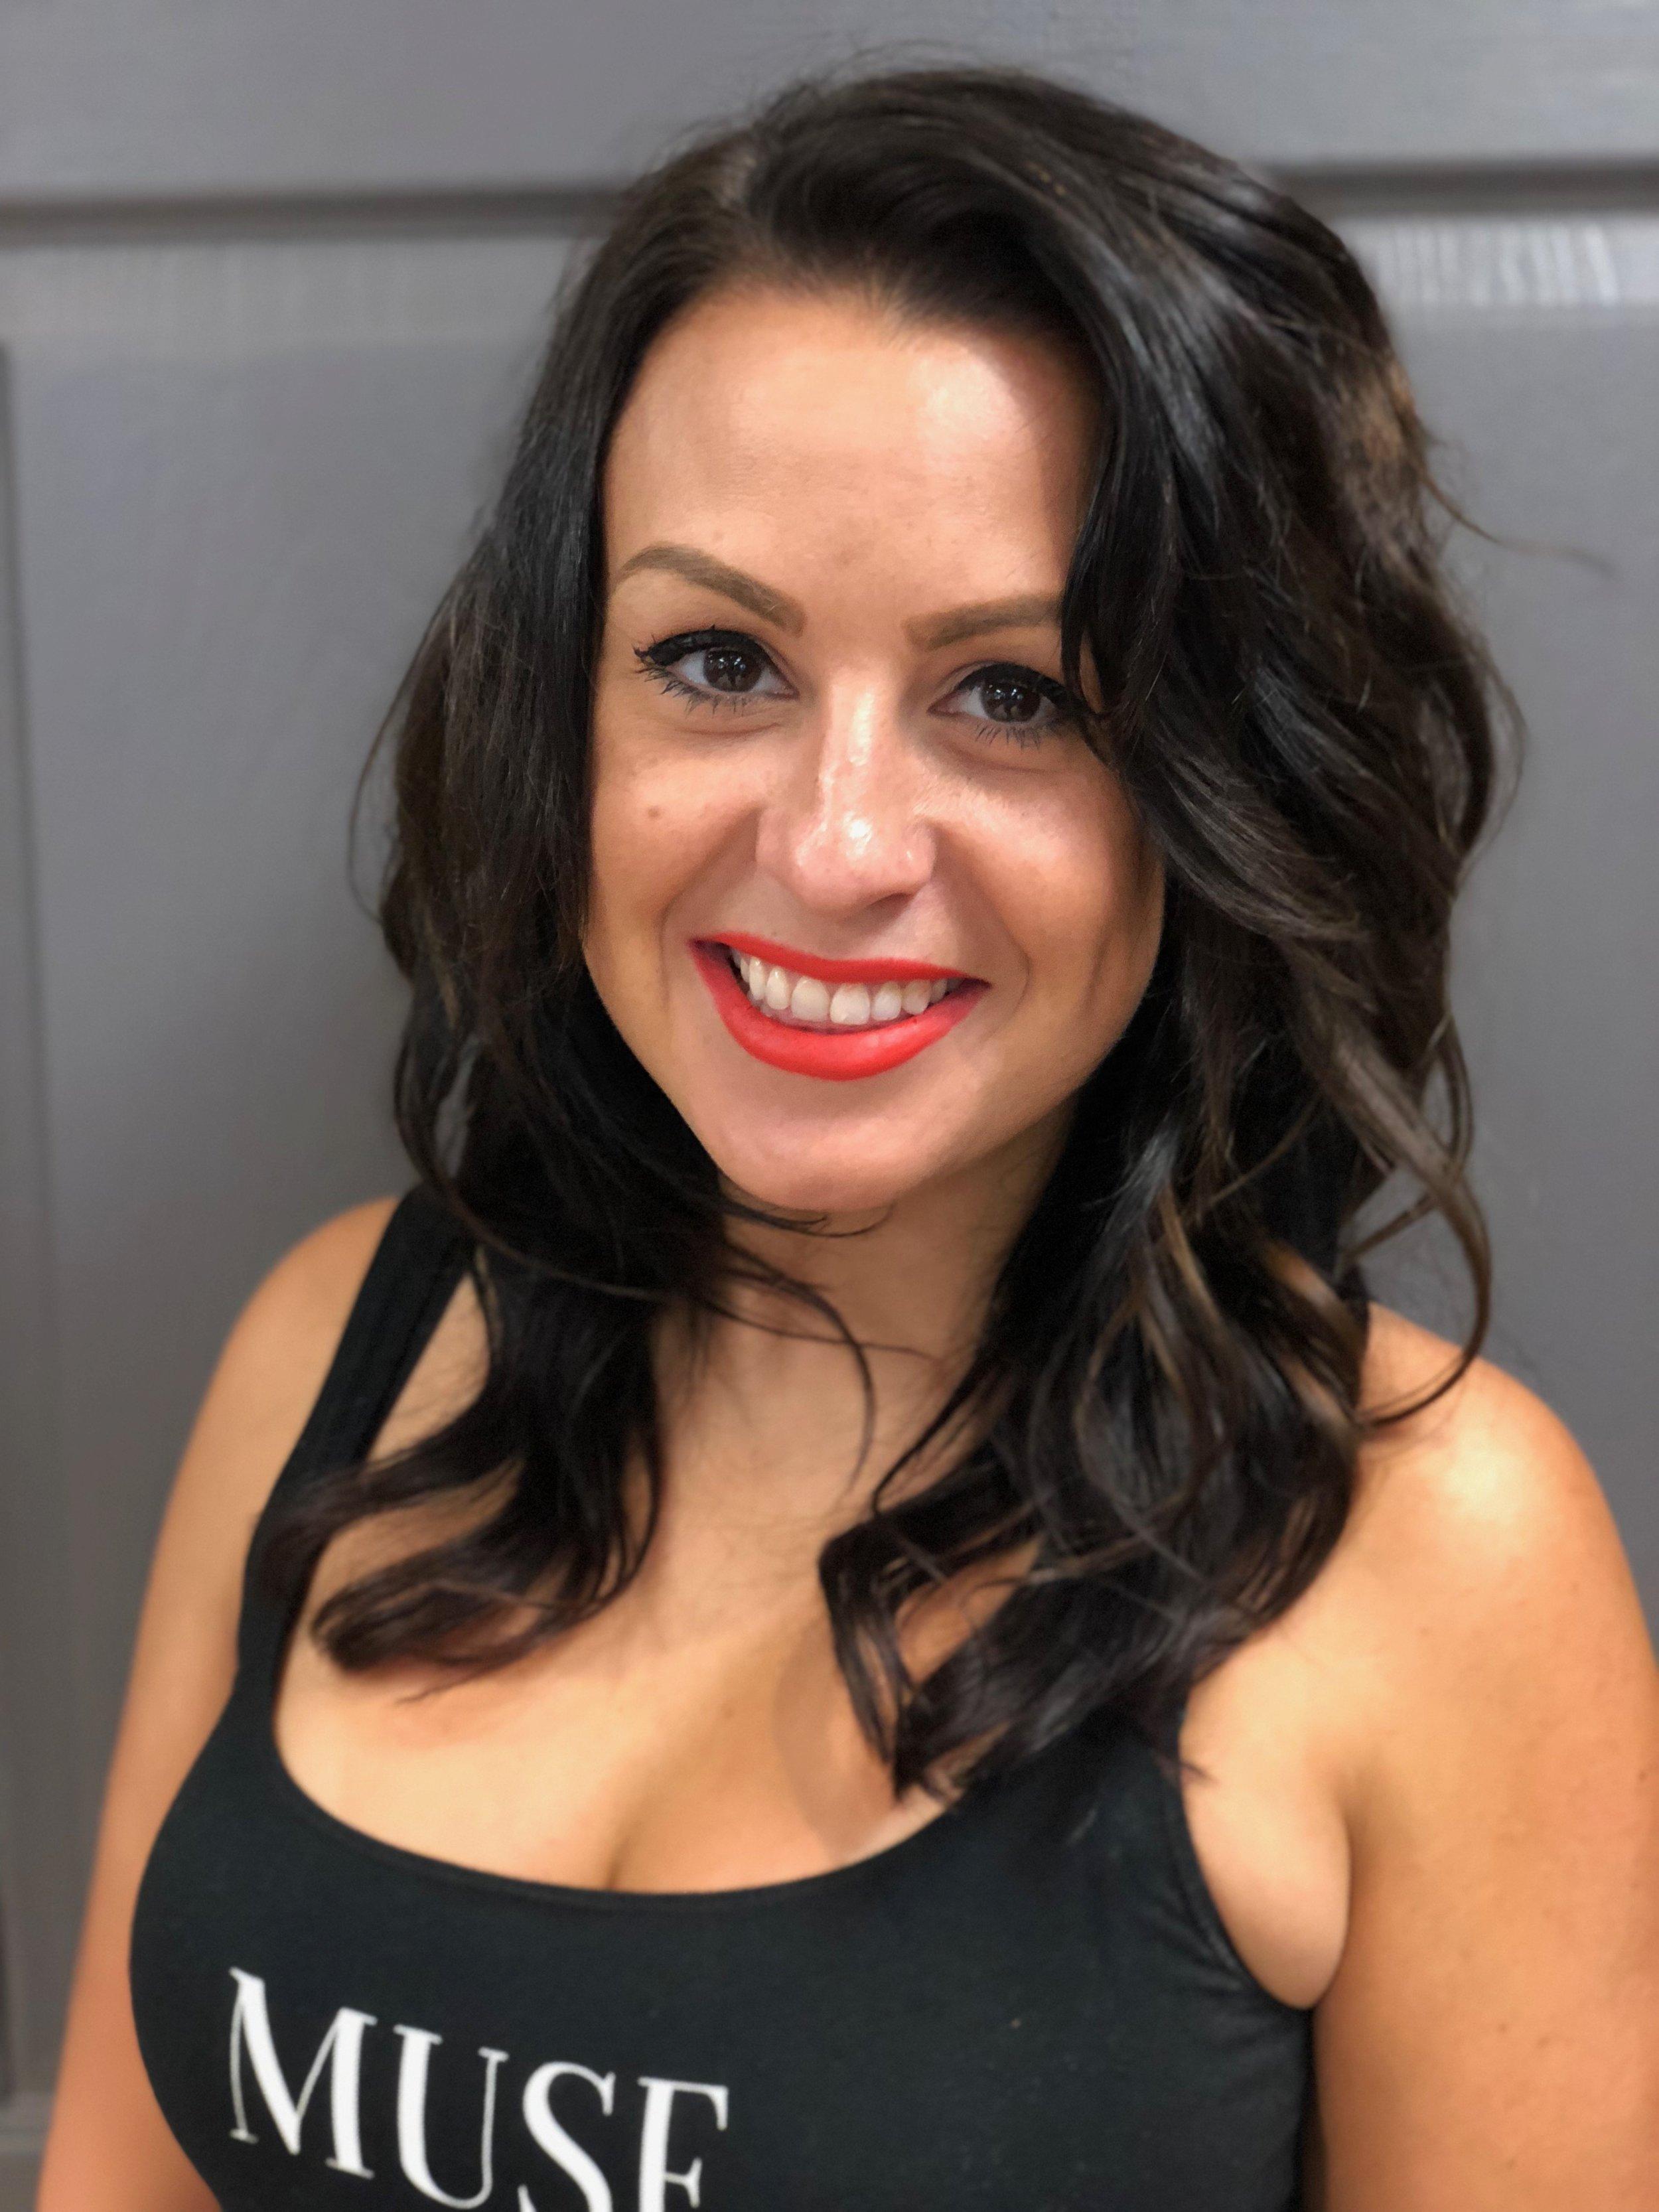 Nikki Manturi